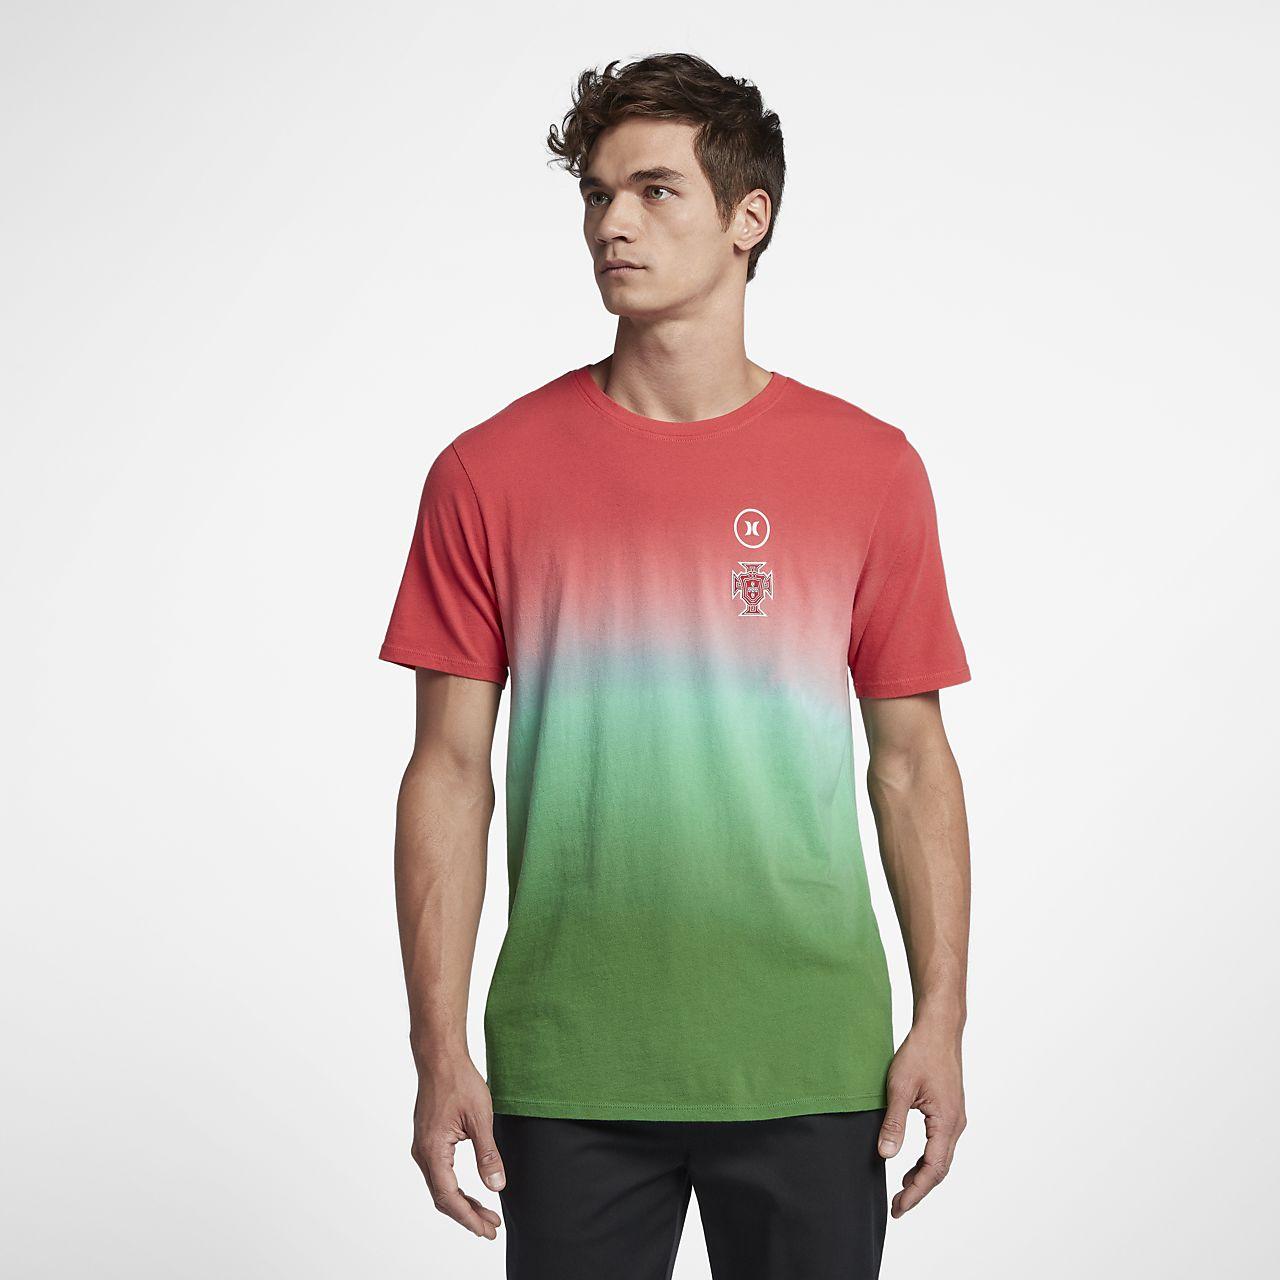 Jeu Pour Pas Cher Nike Tee-shirt Hurley Portugal National Team pour Homme À La Mode À Vendre Finishline Meilleur Gros Rabais Jeu Recommande RN5rvyfUf